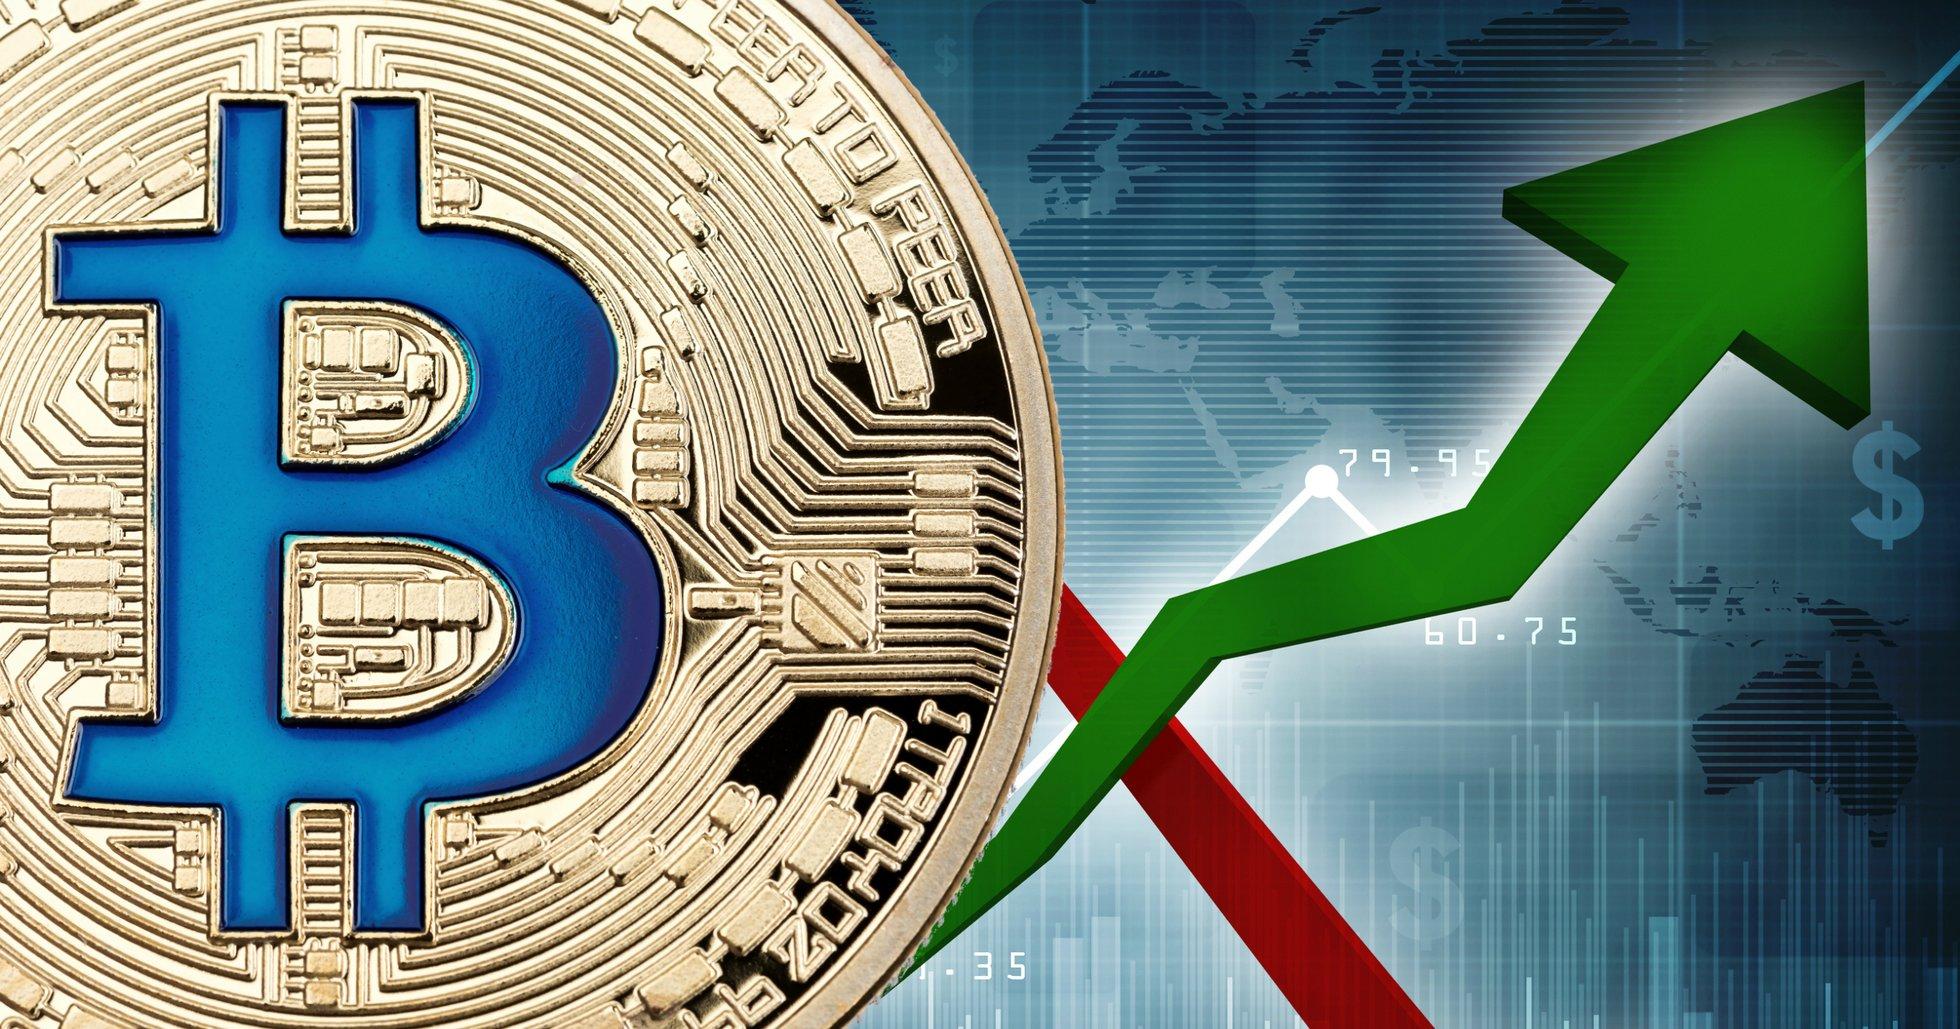 Bitcoinpriset ökar med över 400 dollar: